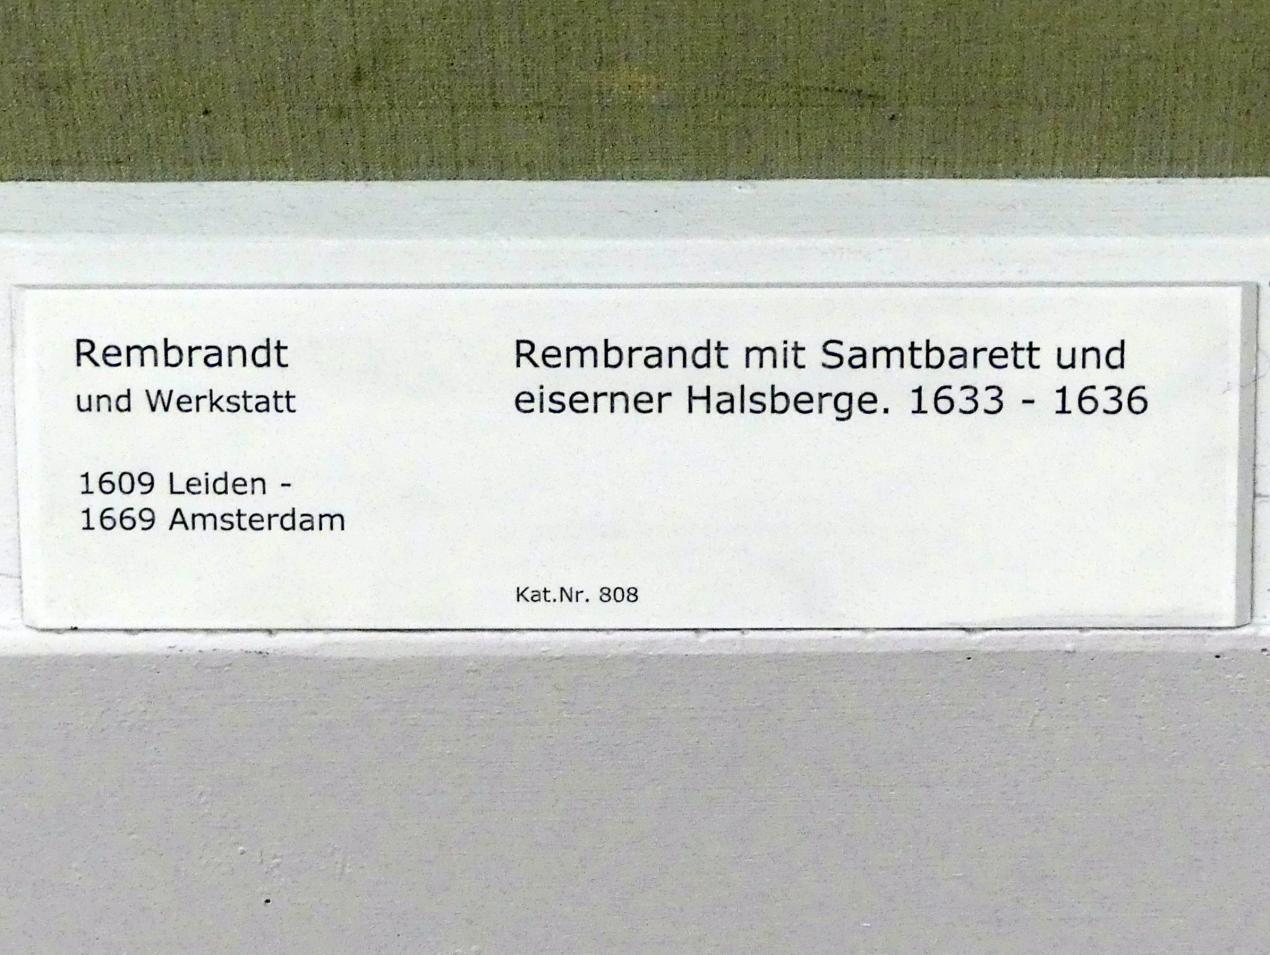 Rembrandt (Rembrandt Harmenszoon van Rijn): Rembrandt mit Samtbarett und eiserner Halsberge, 1633 - 1636, Bild 2/2